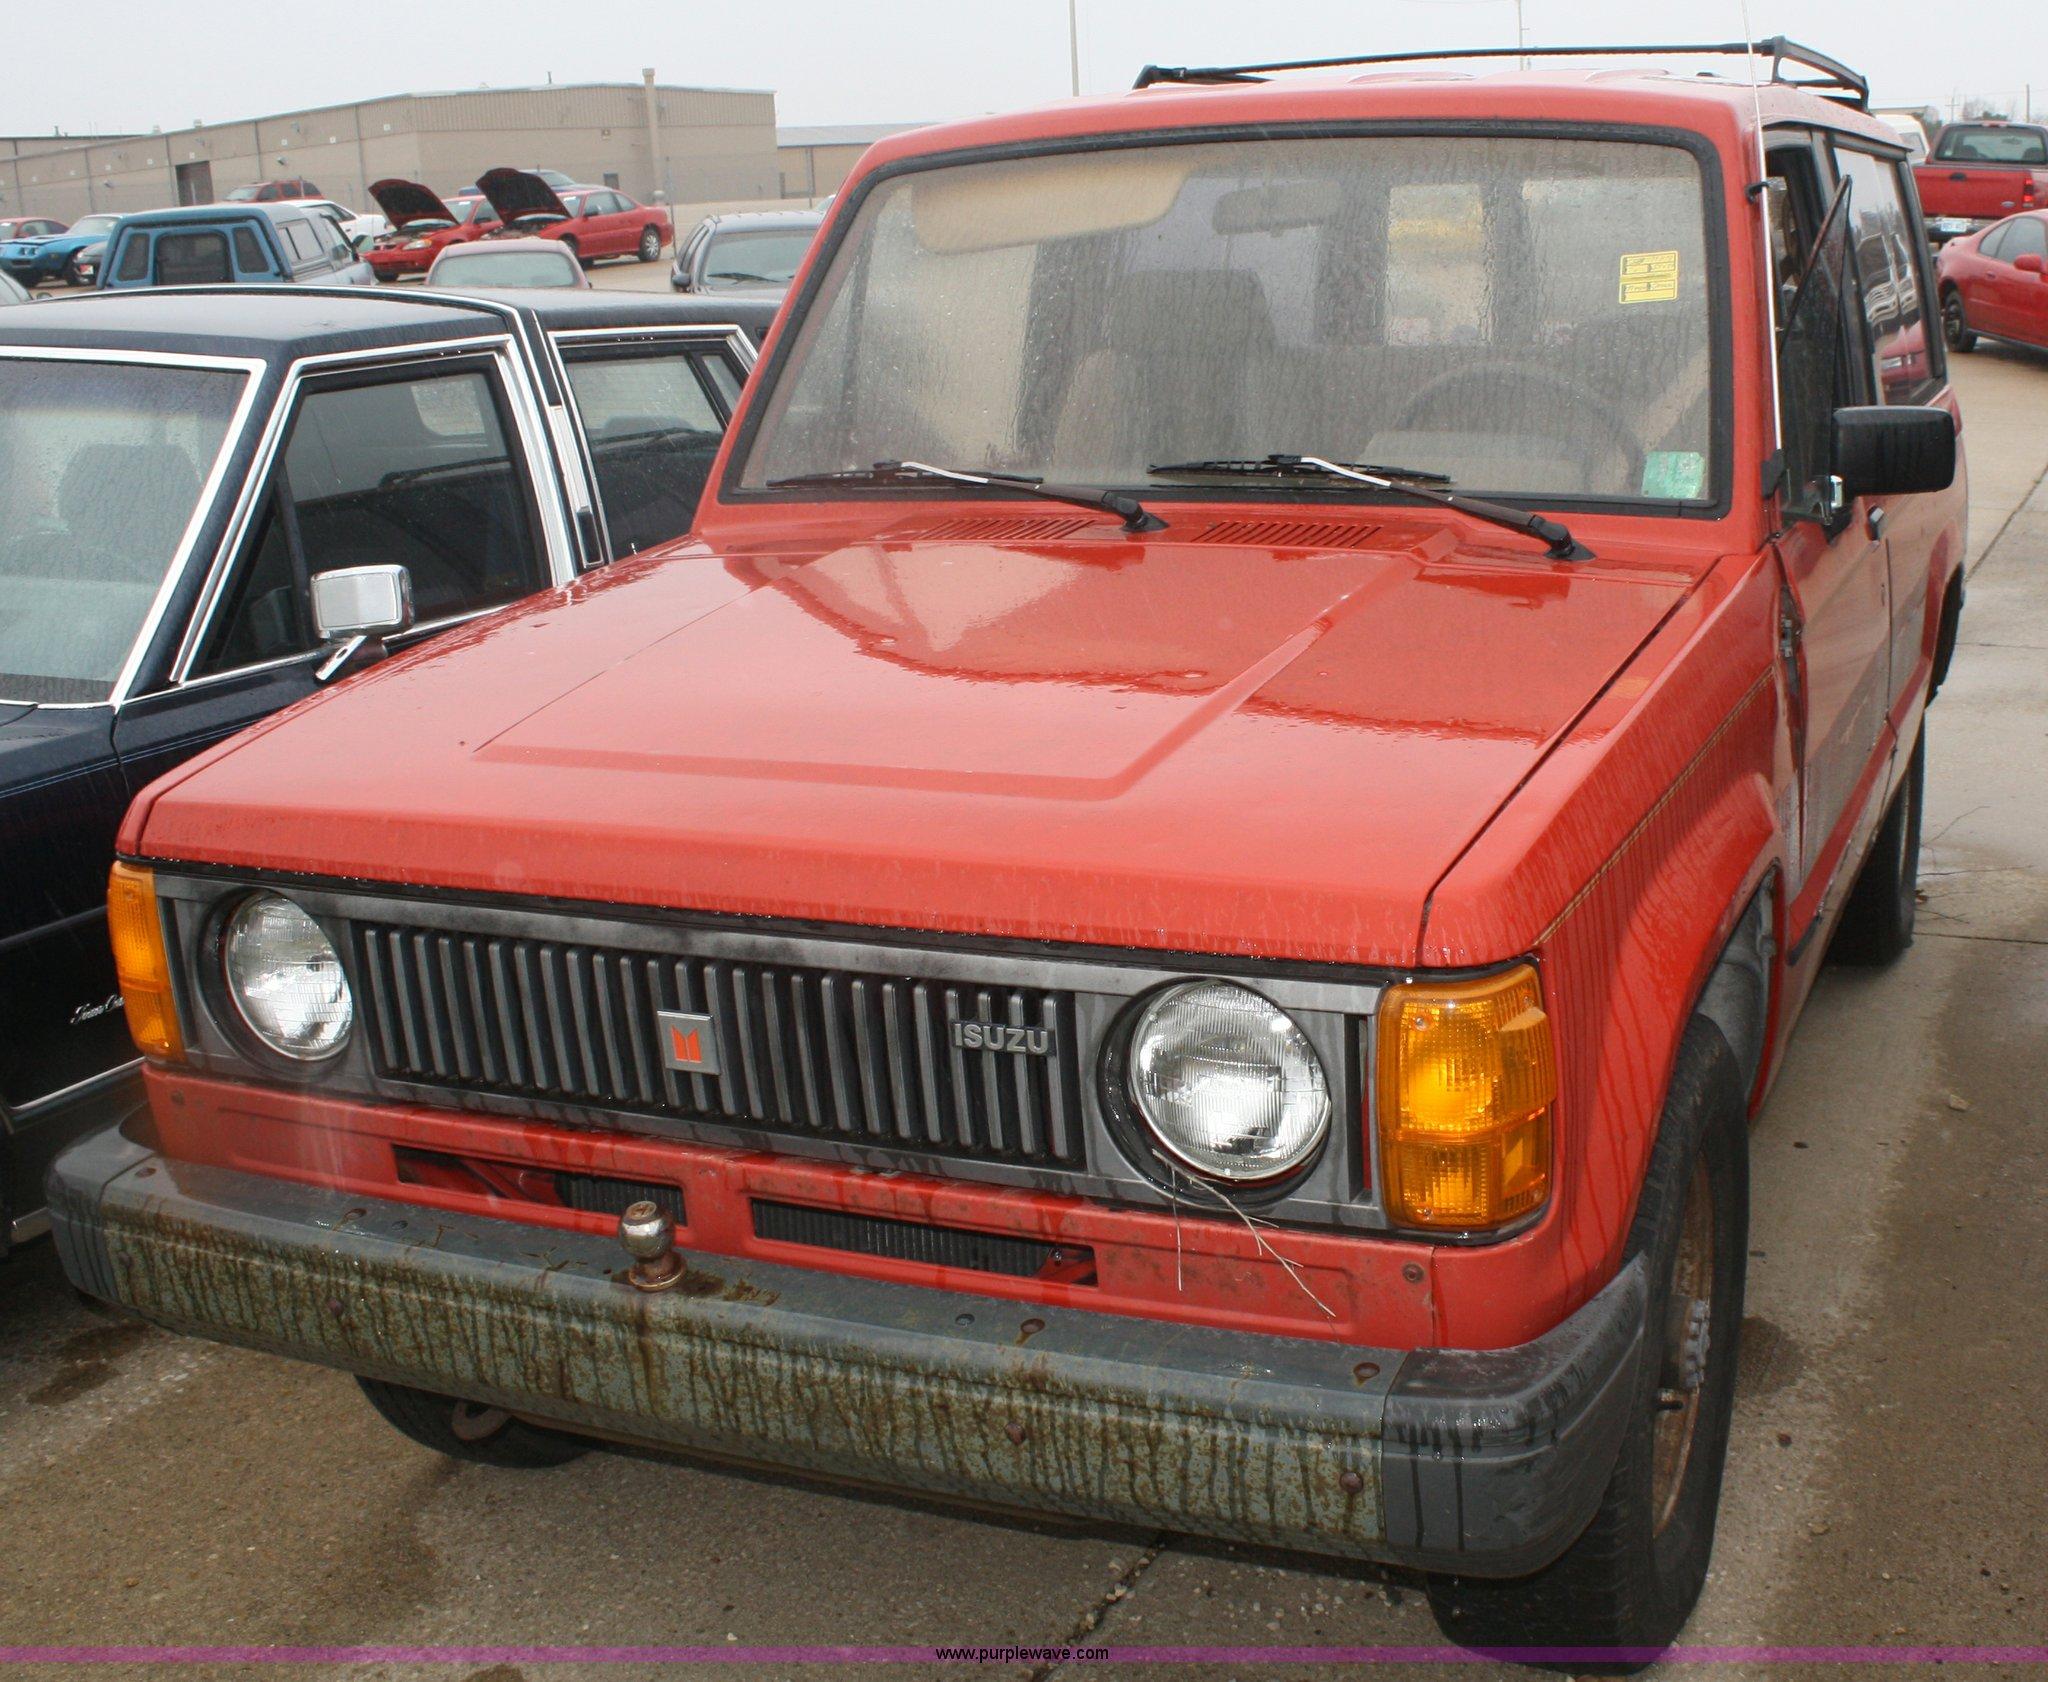 1986 isuzu trooper ii suv item c4432 sold april 5 ft r 1994 Isuzu Trooper c4432 image for item c4432 1986 isuzu trooper